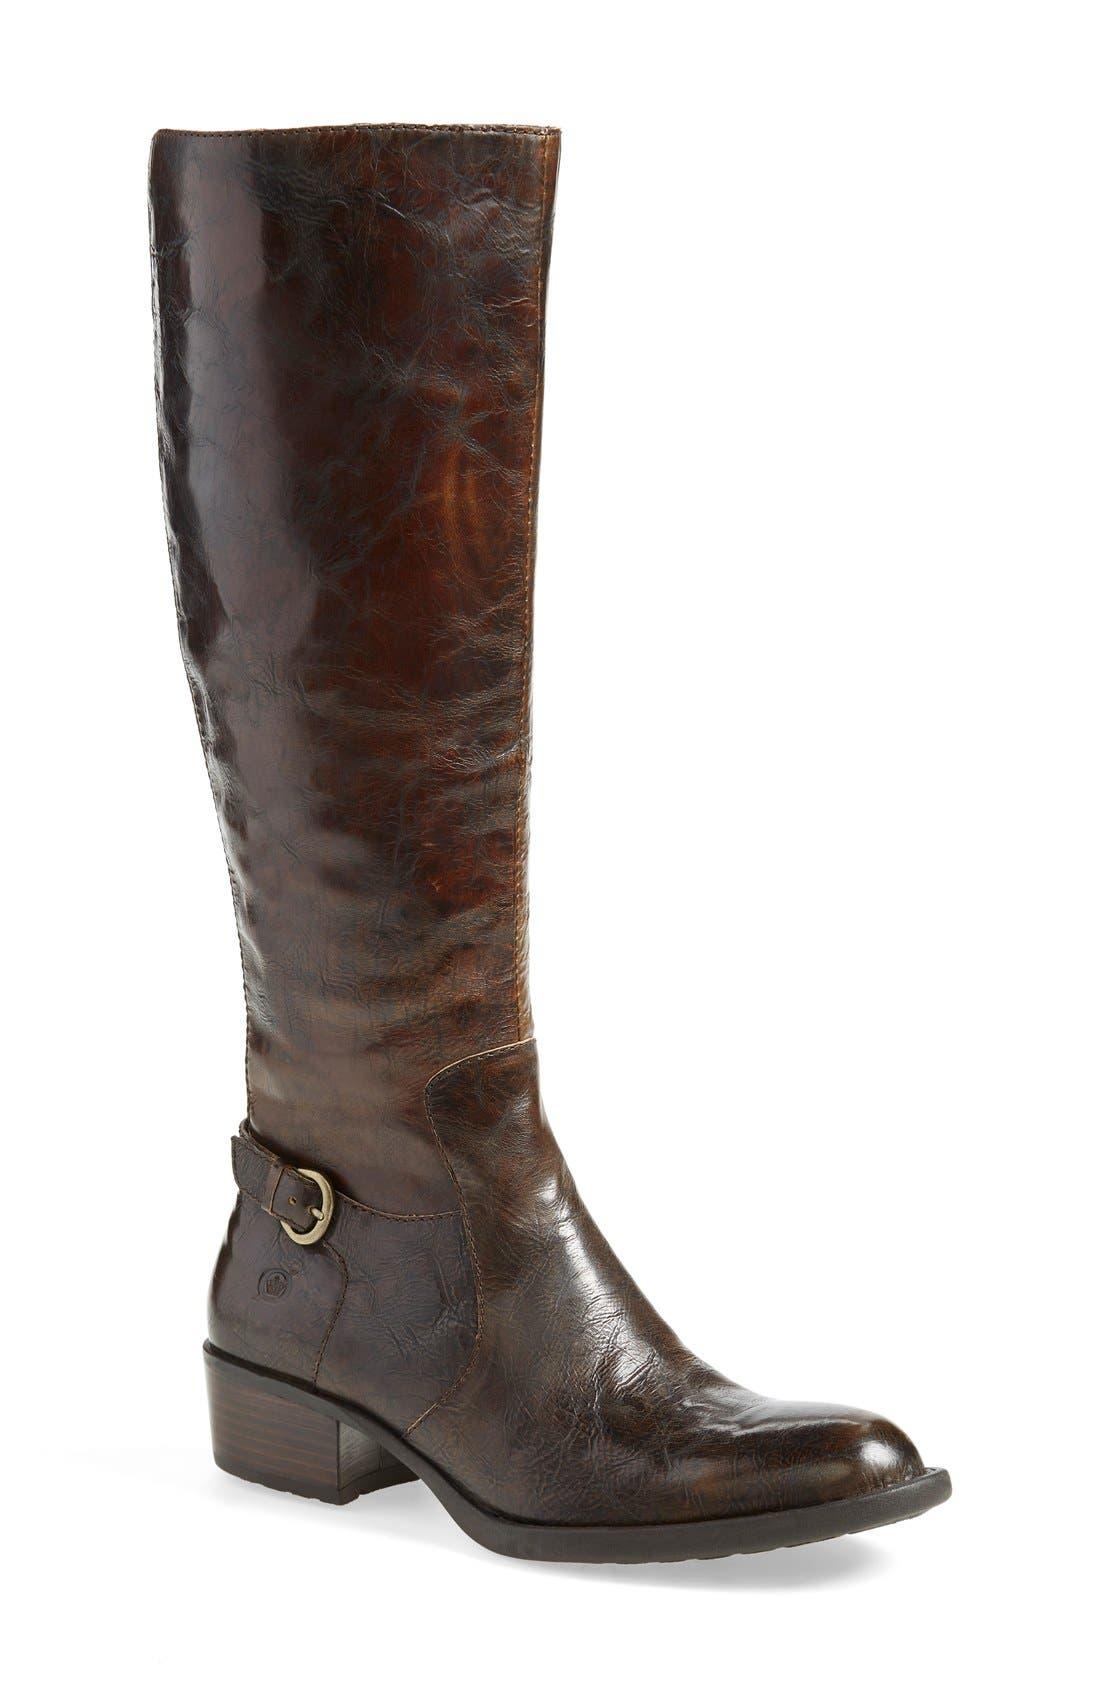 Main Image - Børn 'Helen' Boot (Women) (Wide Calf)